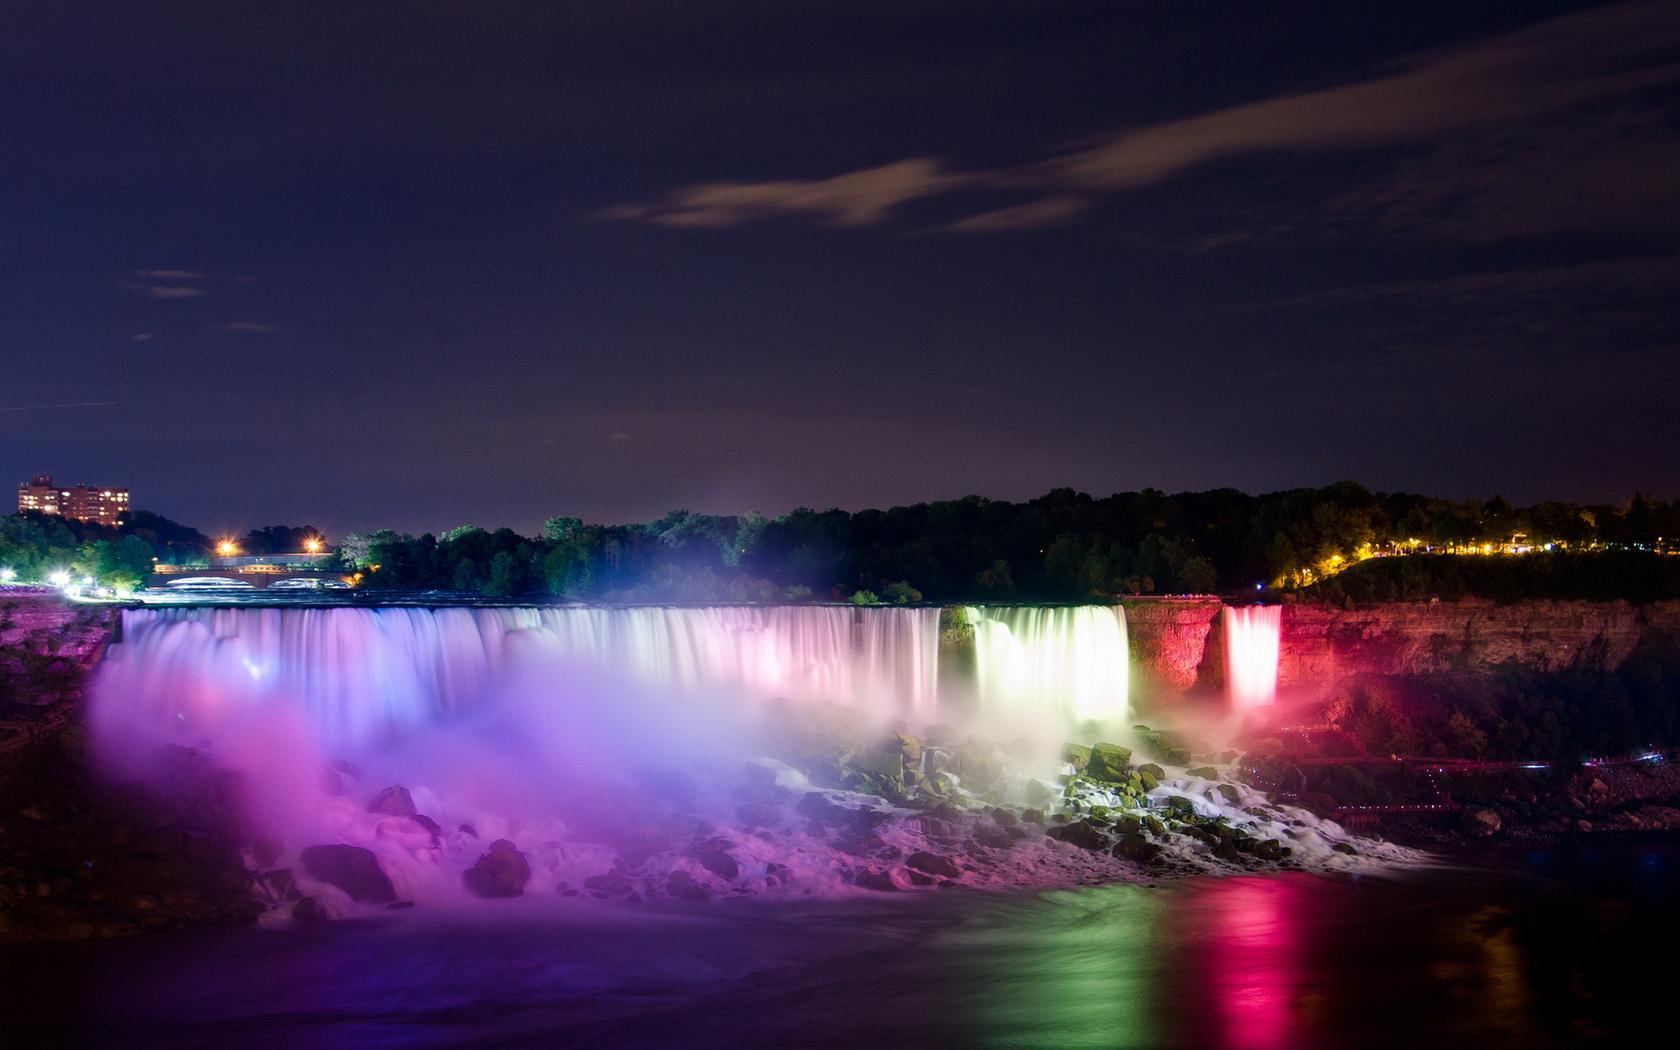 Niagara Waterfalls Wallpaper Backgrounds 1680x1050